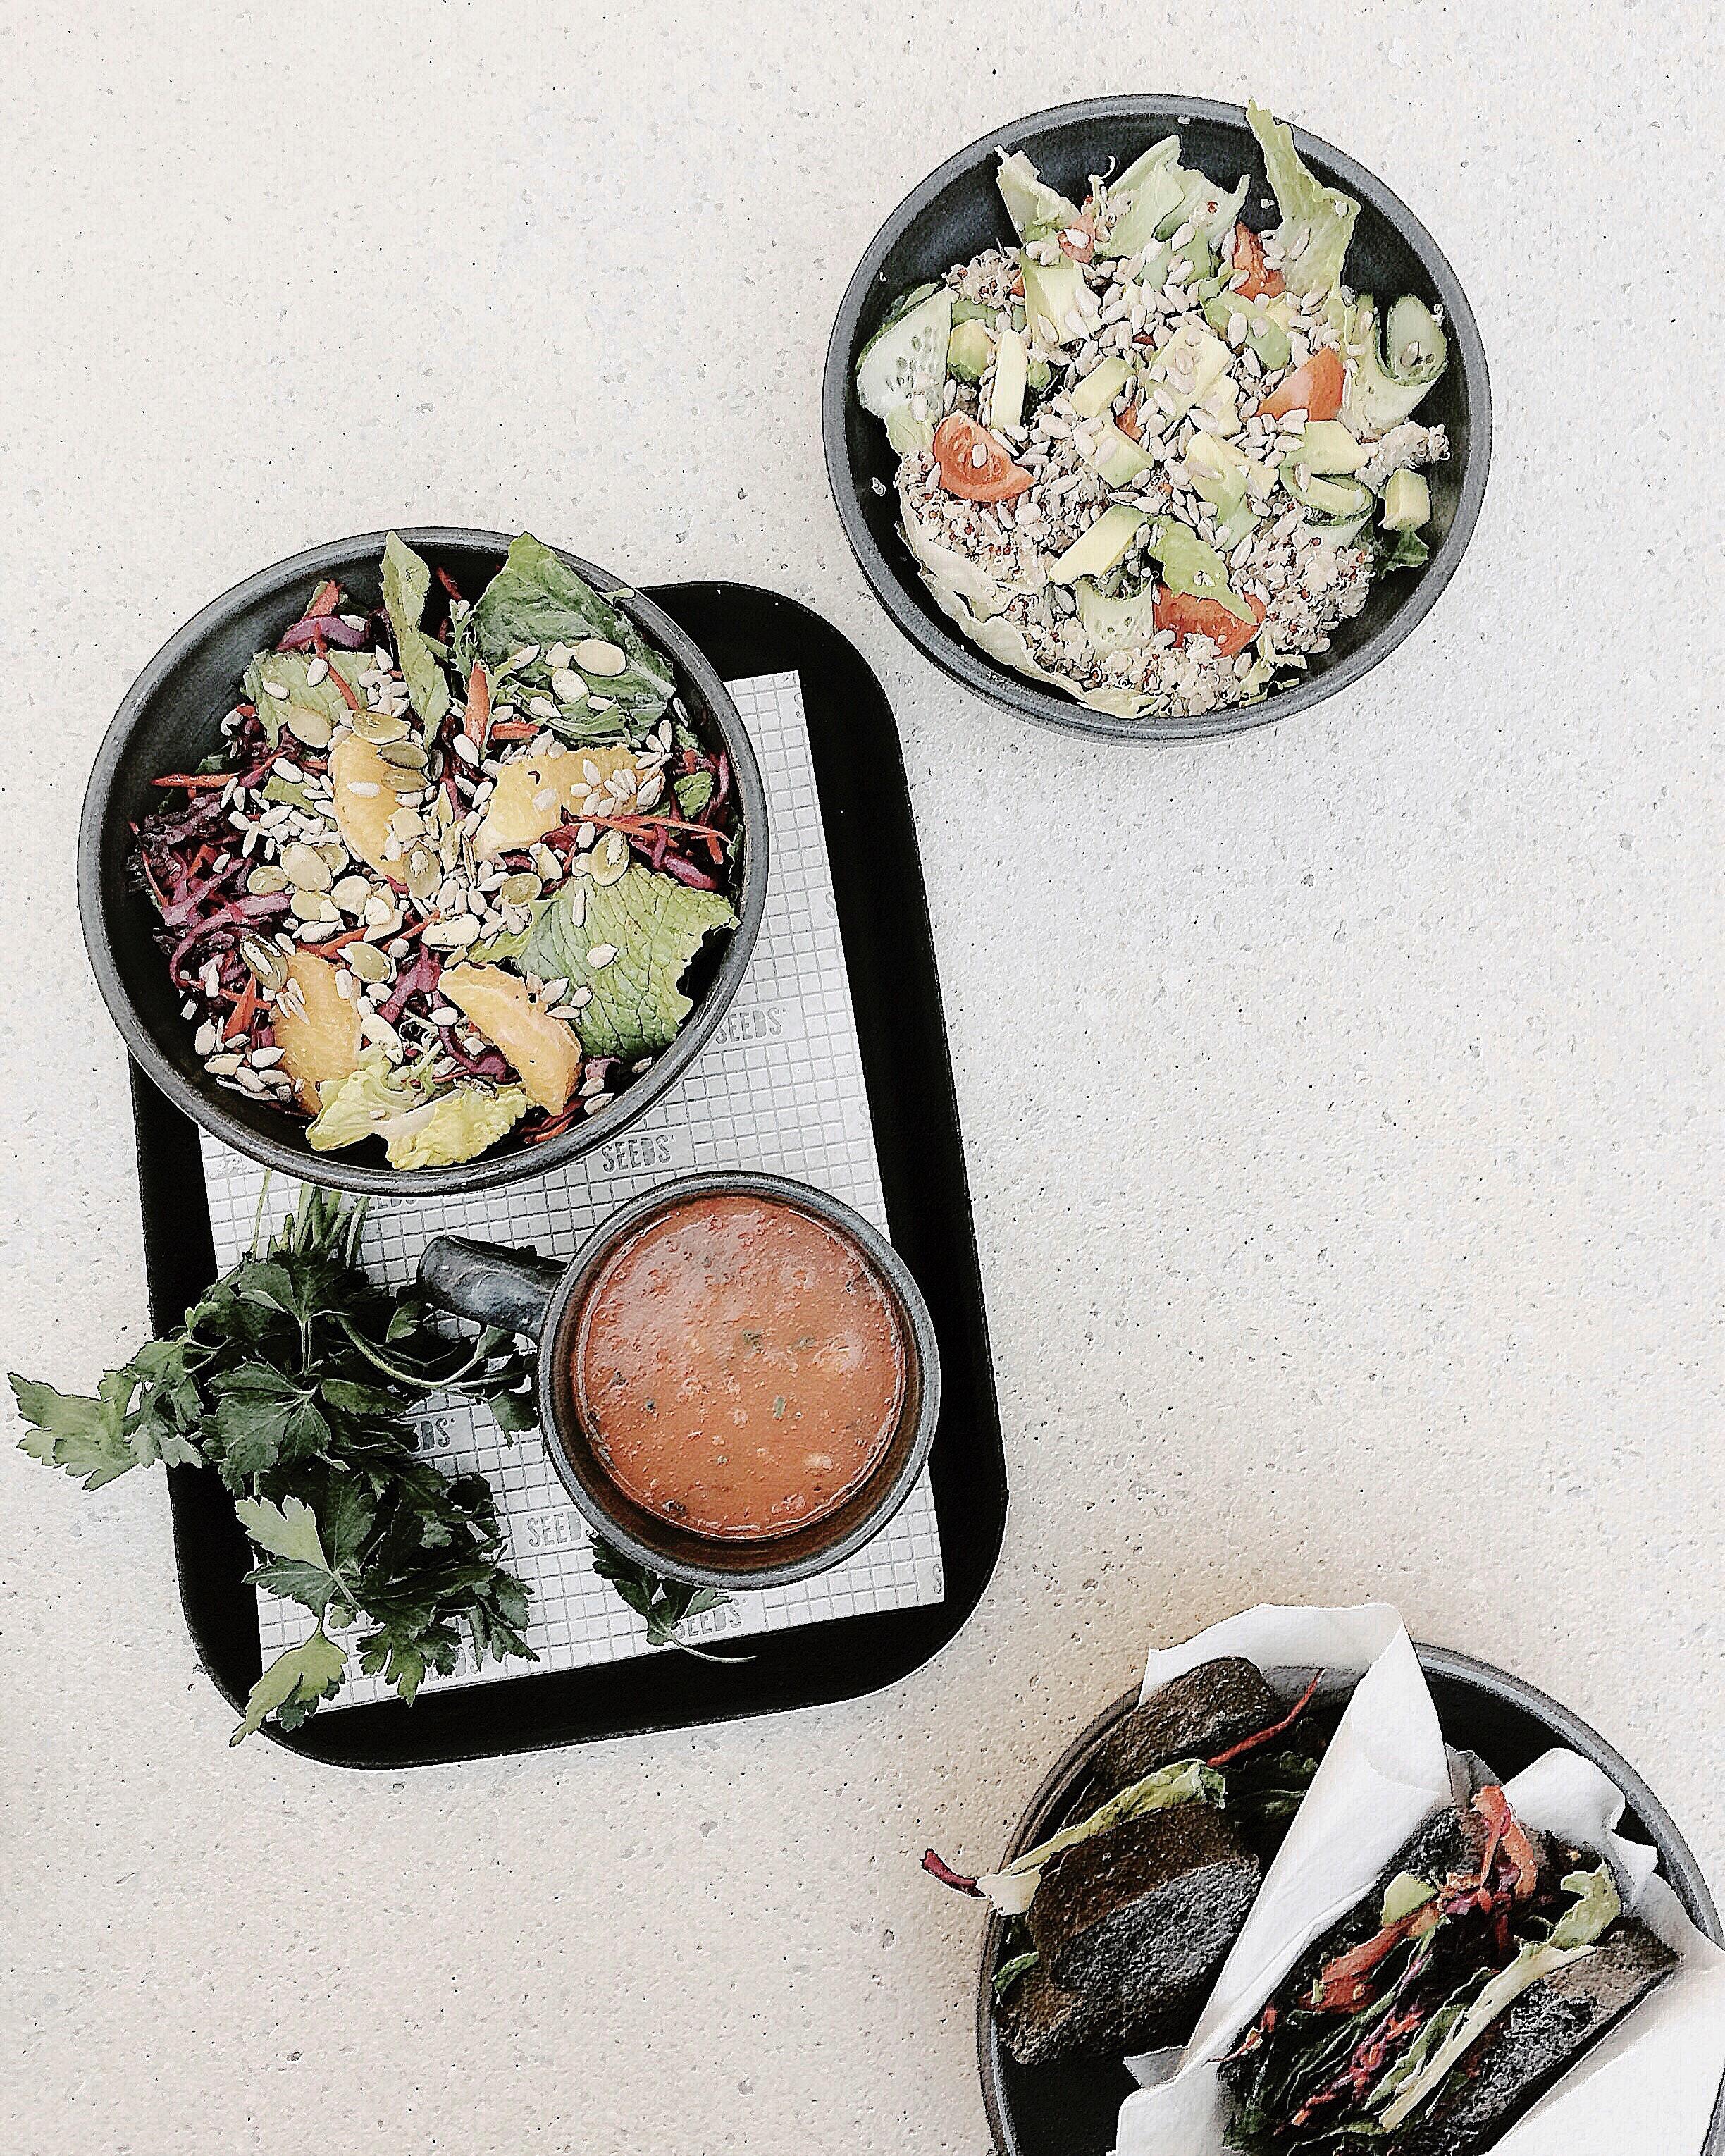 Vegetable salad on black tray photo